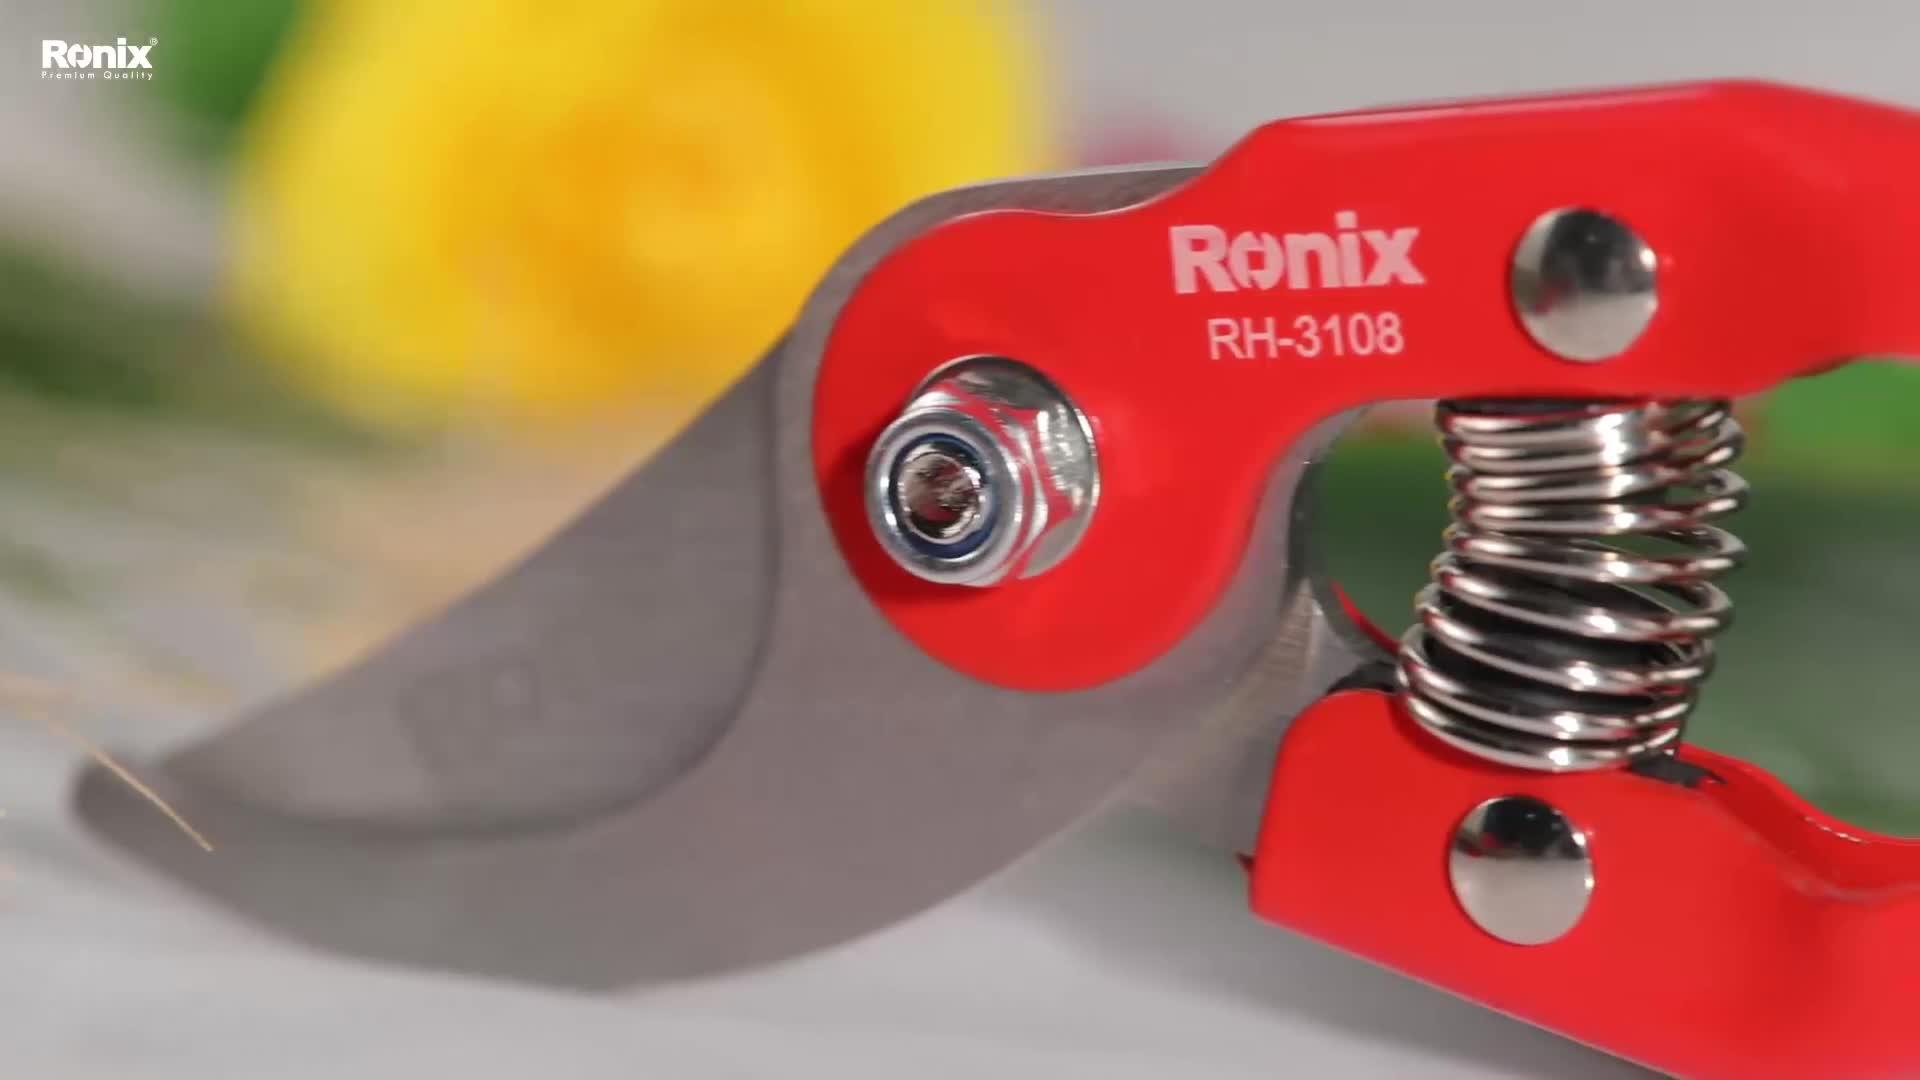 RONIX プレミアム品質非常にシャープ庭剪定せん断モデル RH-3108